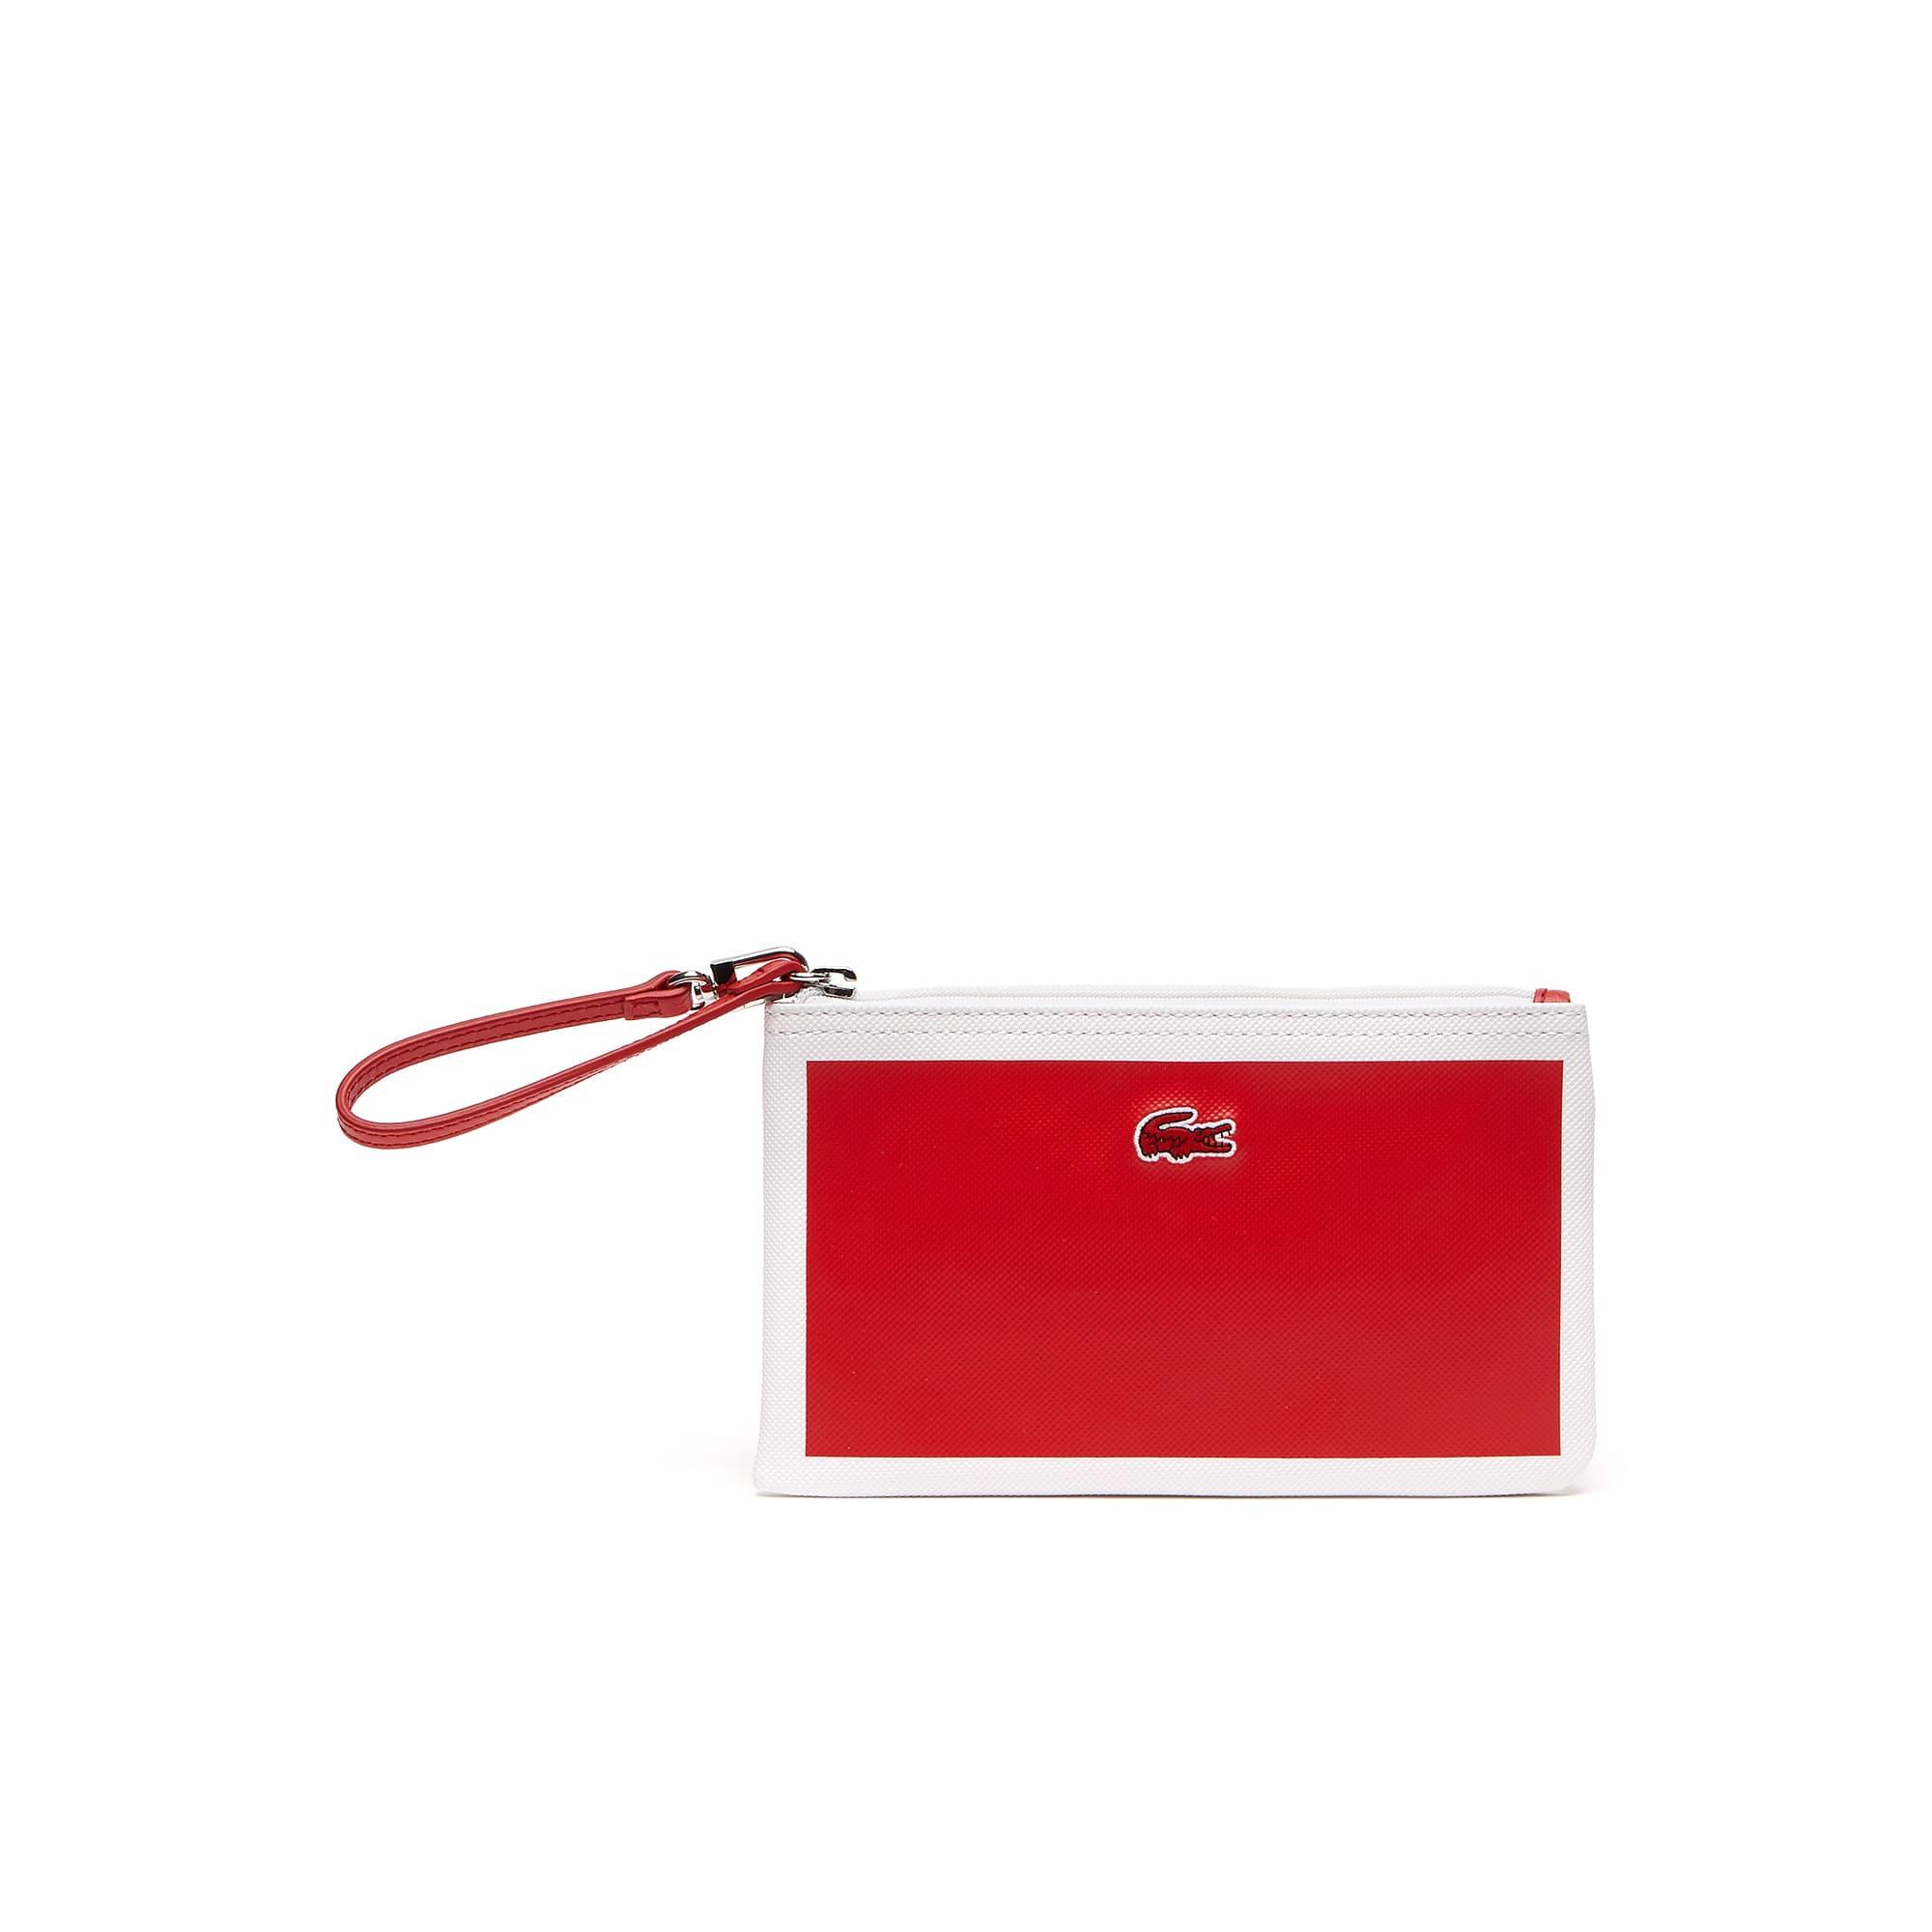 Pochette con zip L.12.12 Concept in petit piqué color block